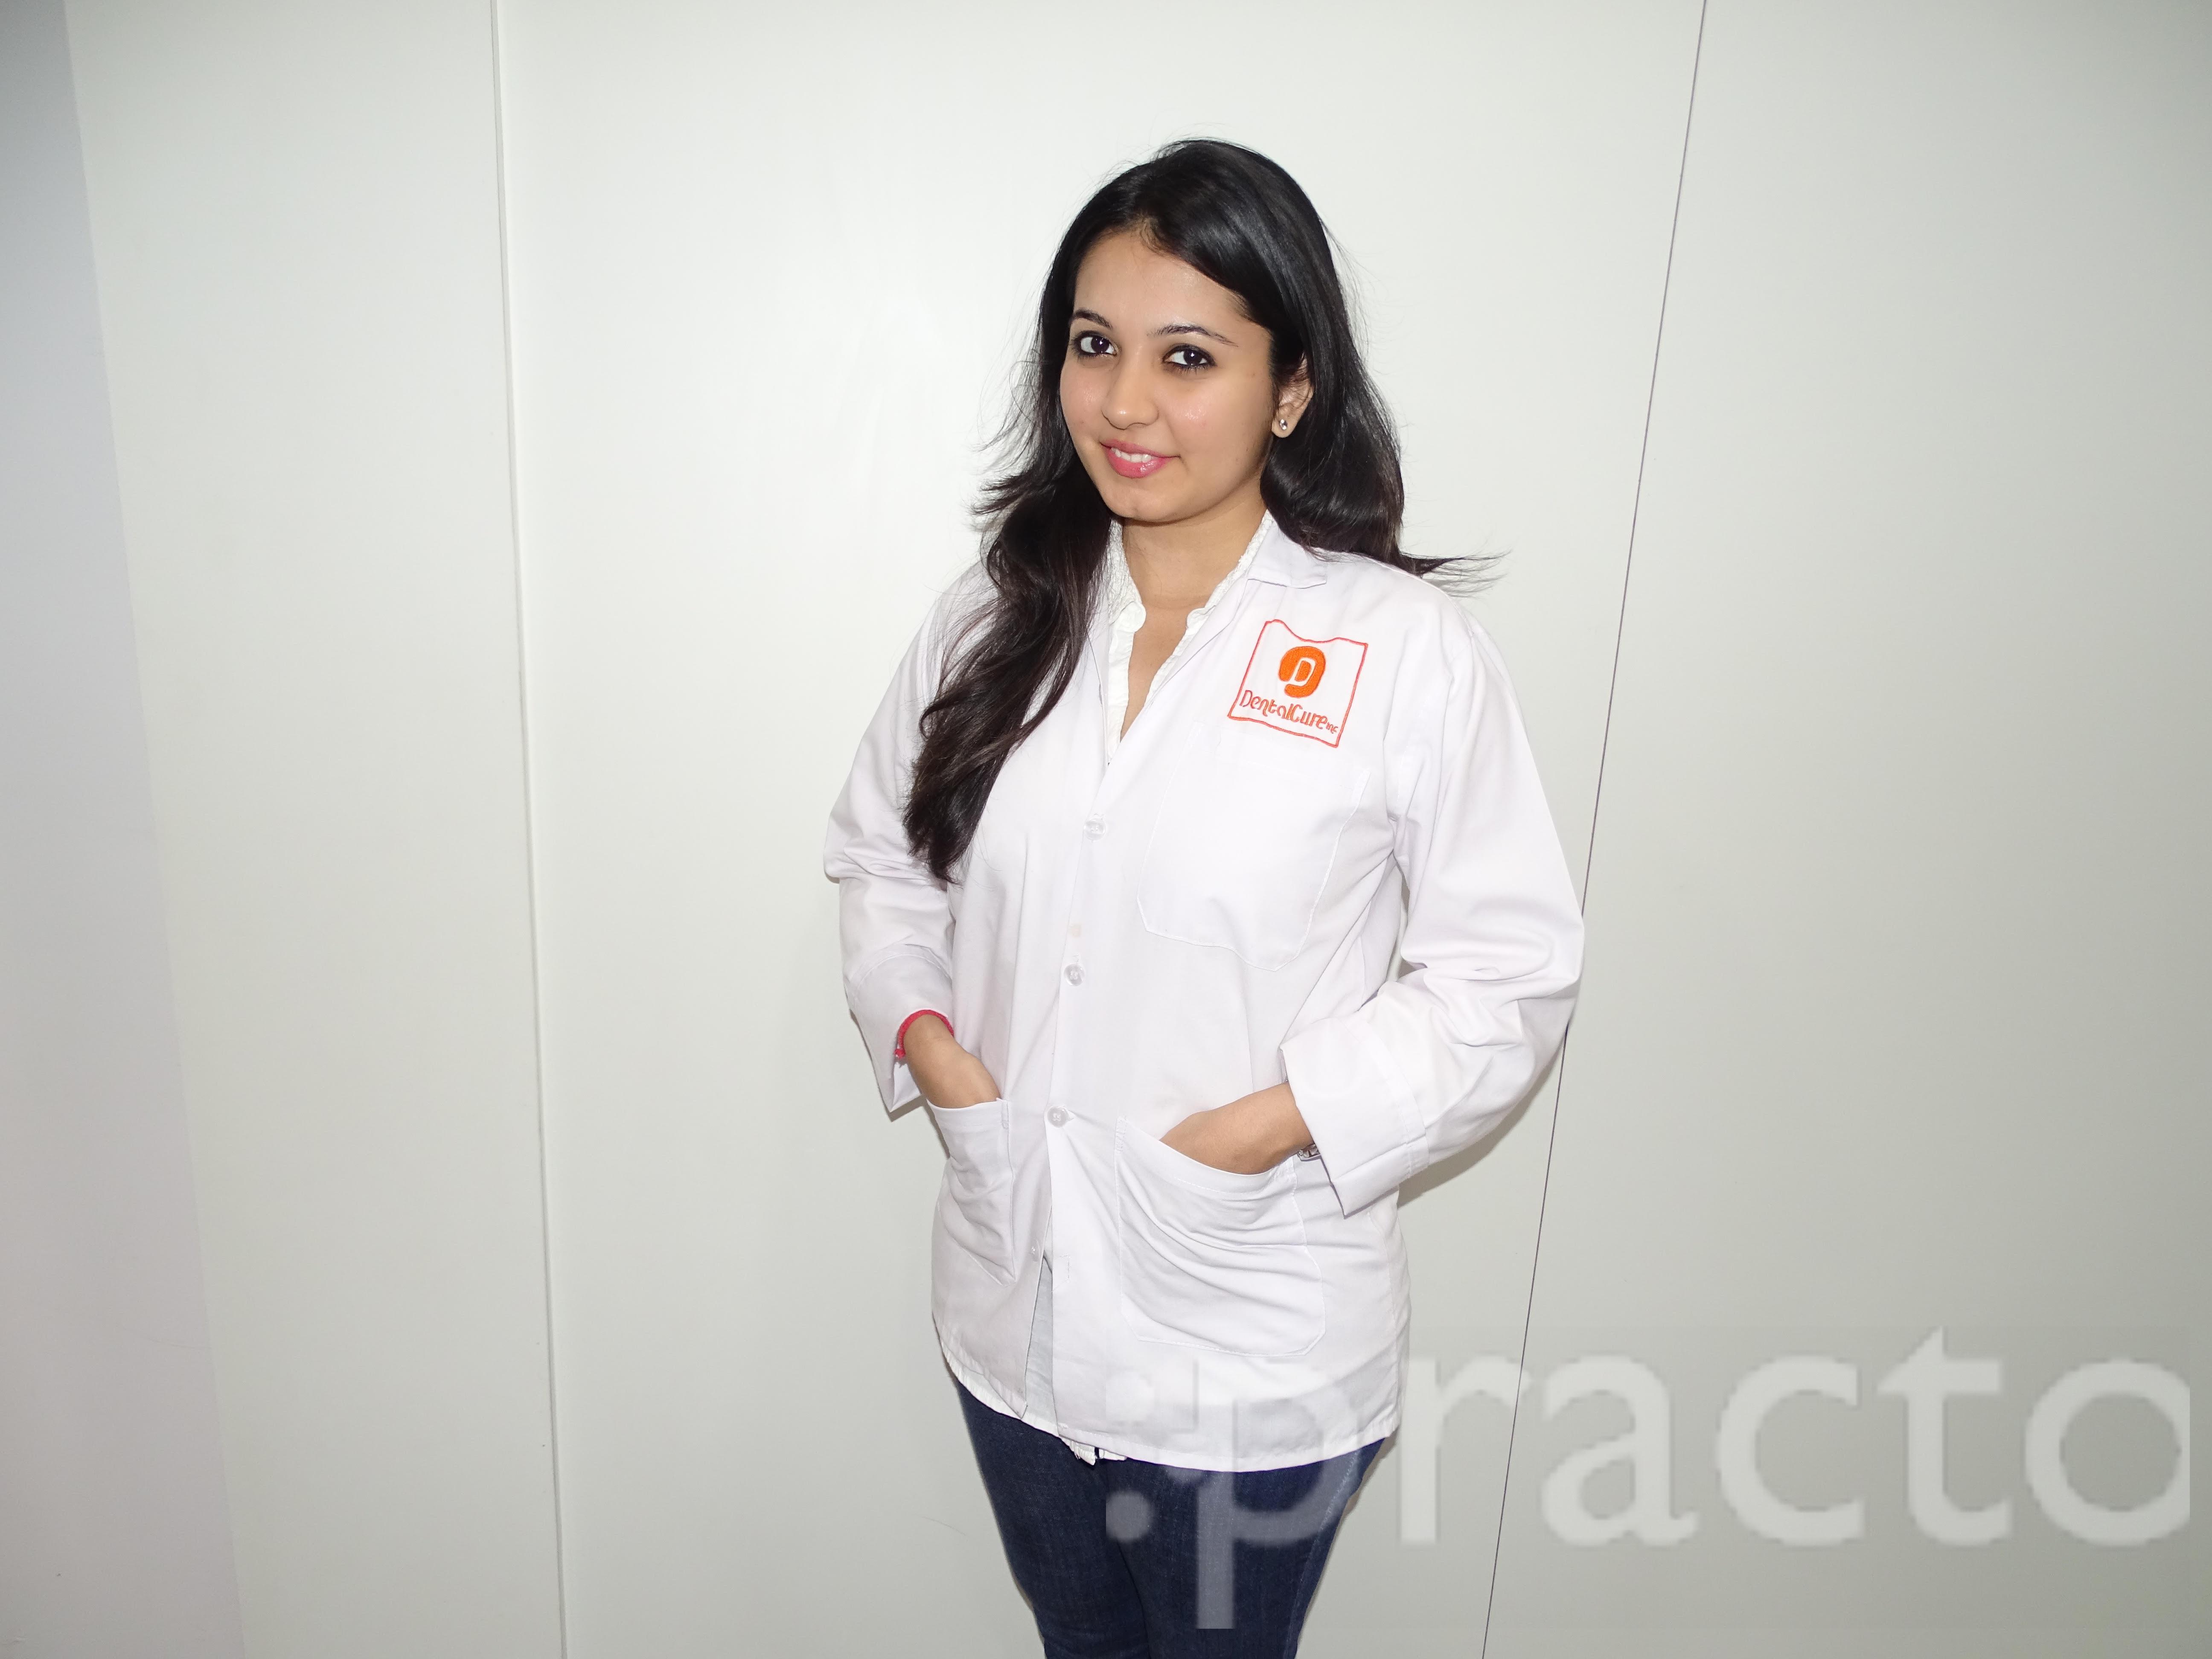 Dr. Shweta Thakkar - Dentist